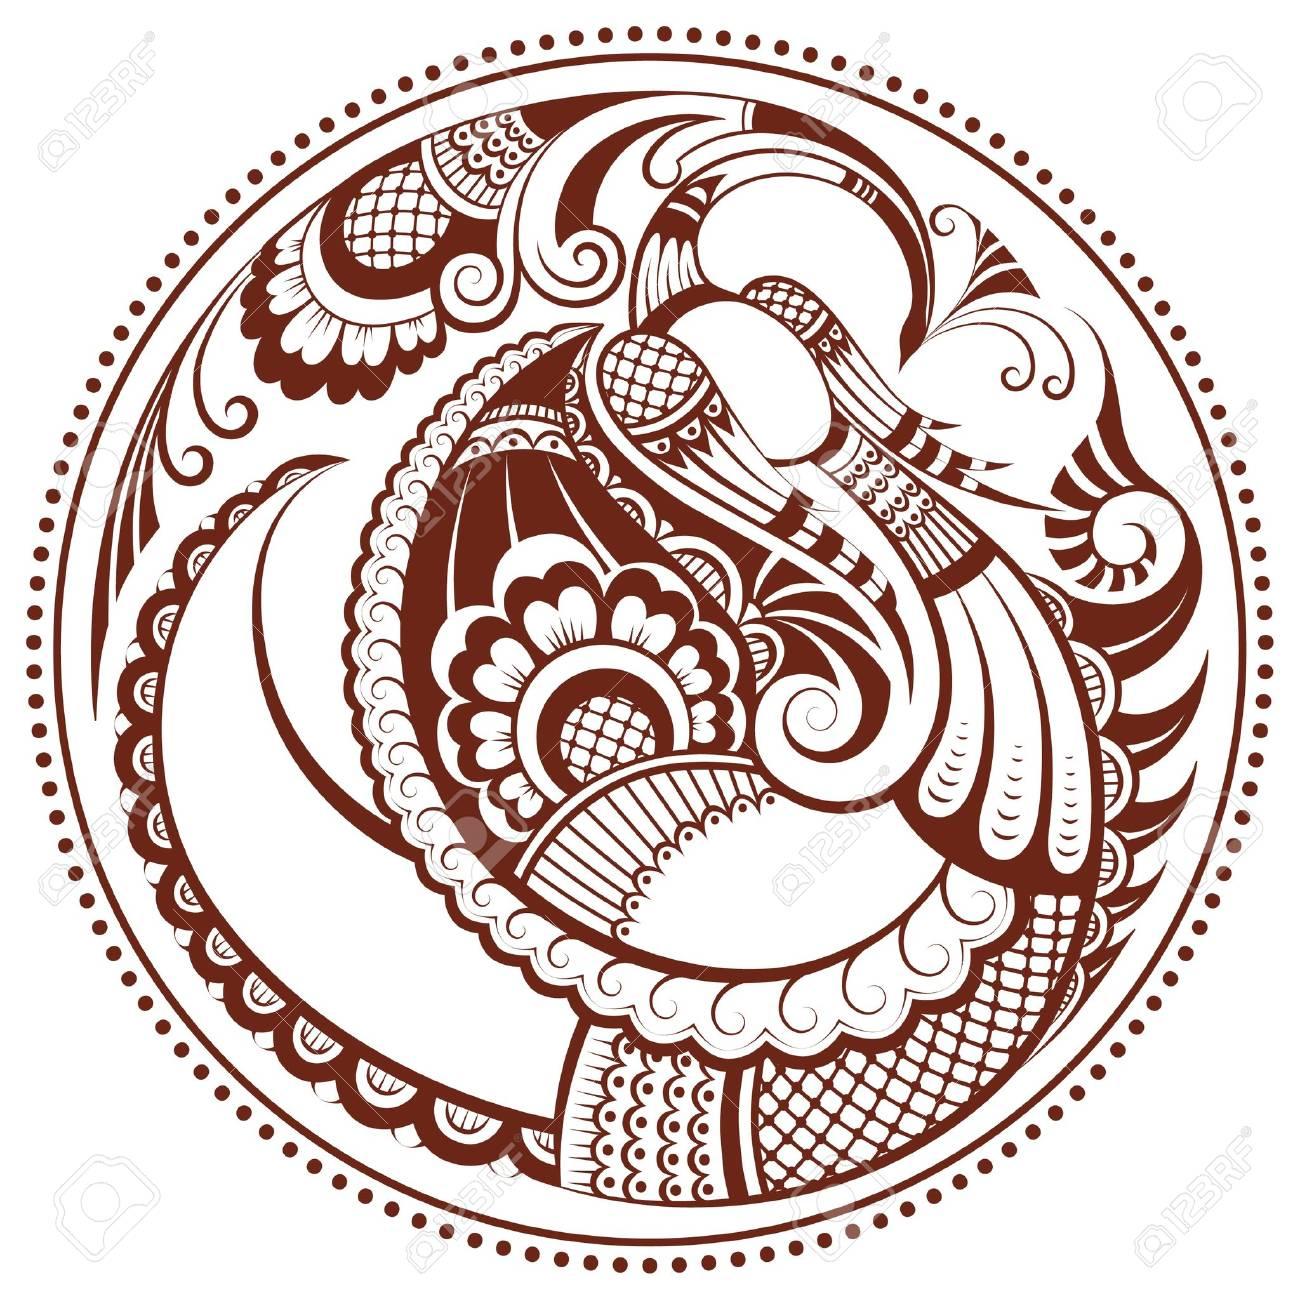 Abstract phoenix bird in mehndi style - 12492216